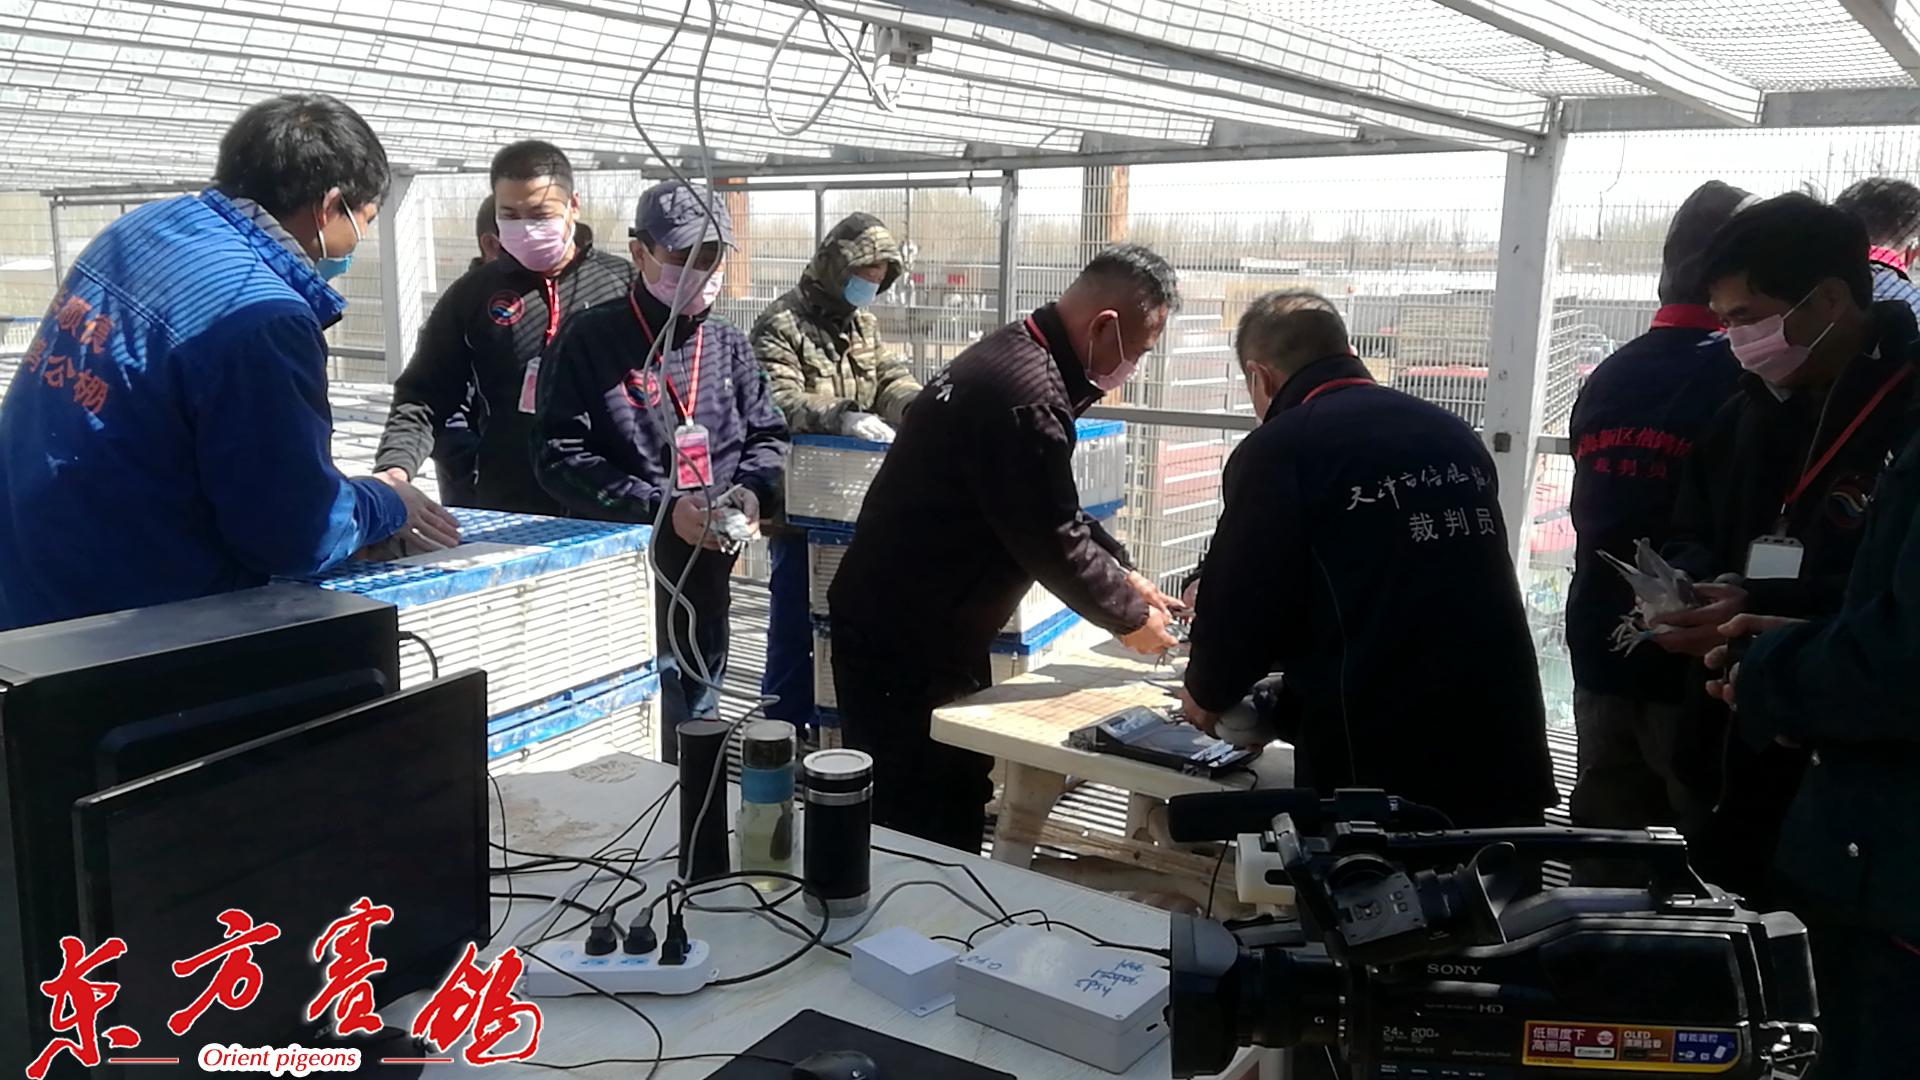 3、天津市信鸽协会裁判员在验鸽。